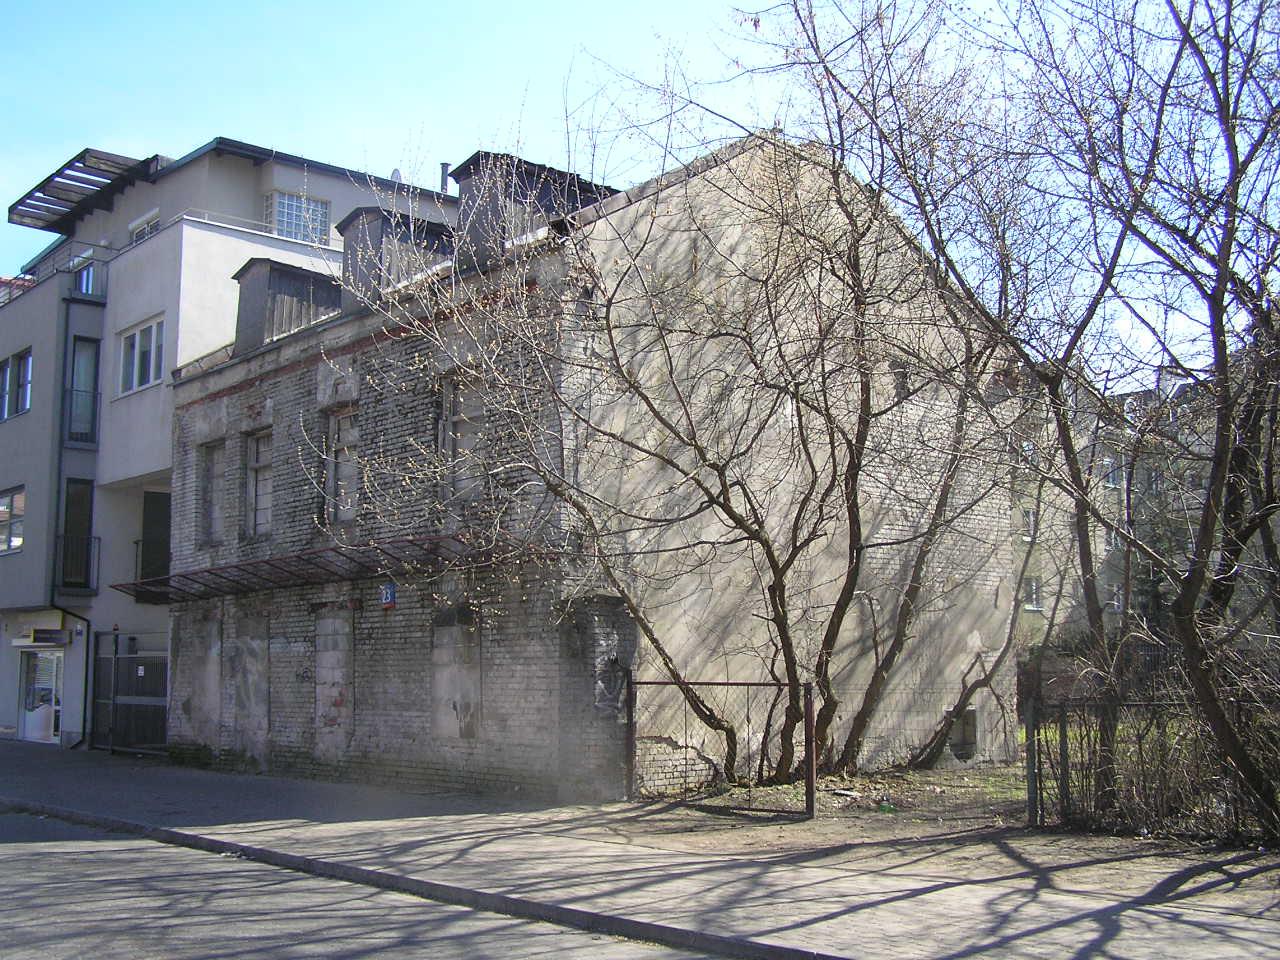 Kamienica przy ulicy Paca 23 na Grochowie